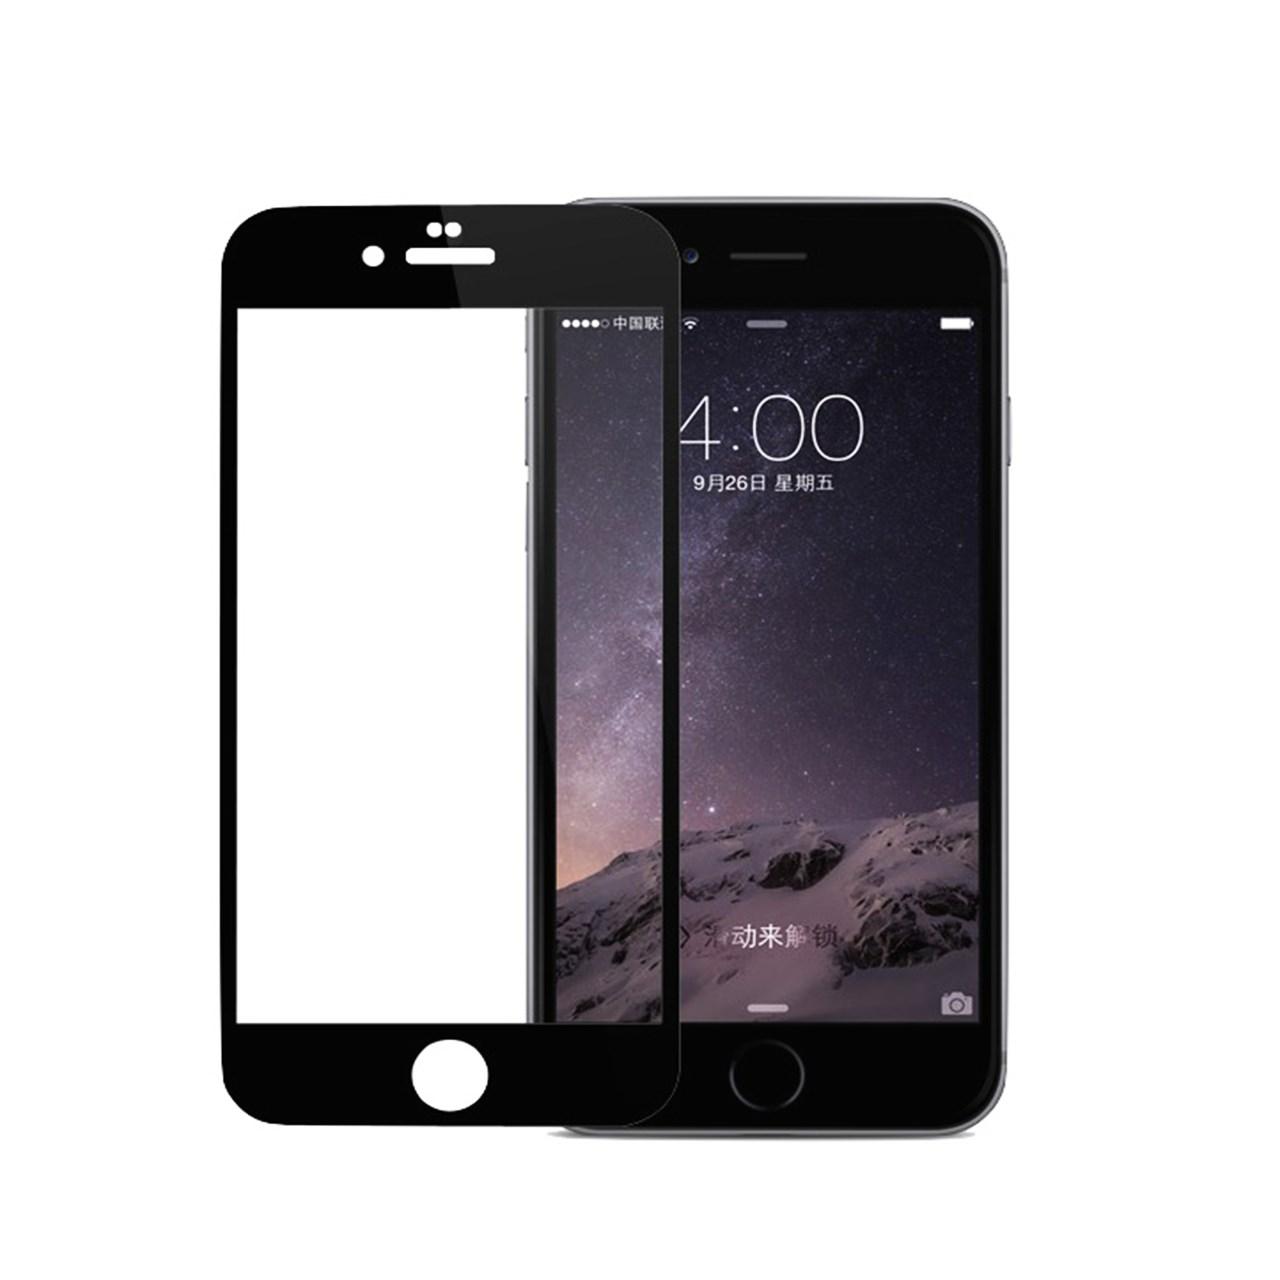 محافظ صفحه نمایش ریمکس شیشه ای مناسب برای گوشی موبایل اپل iPhone 6/6S plus